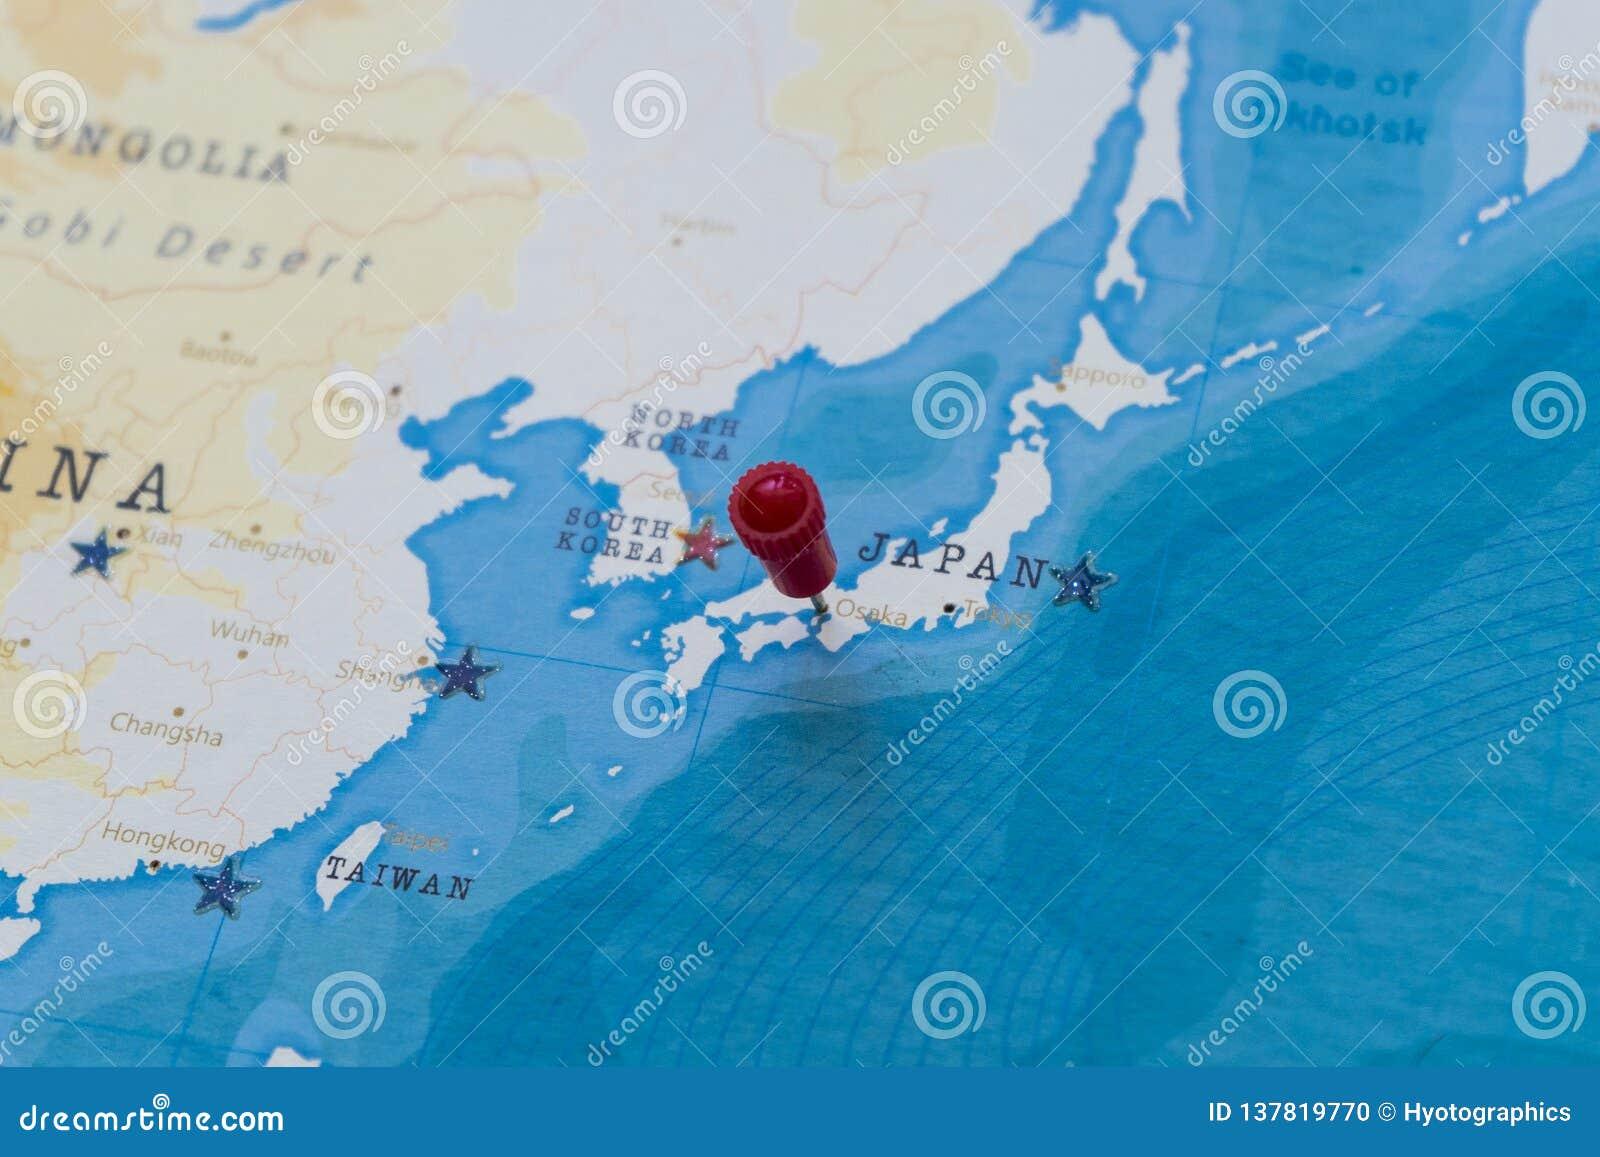 Een speld op Osaka, Japan in de wereldkaart